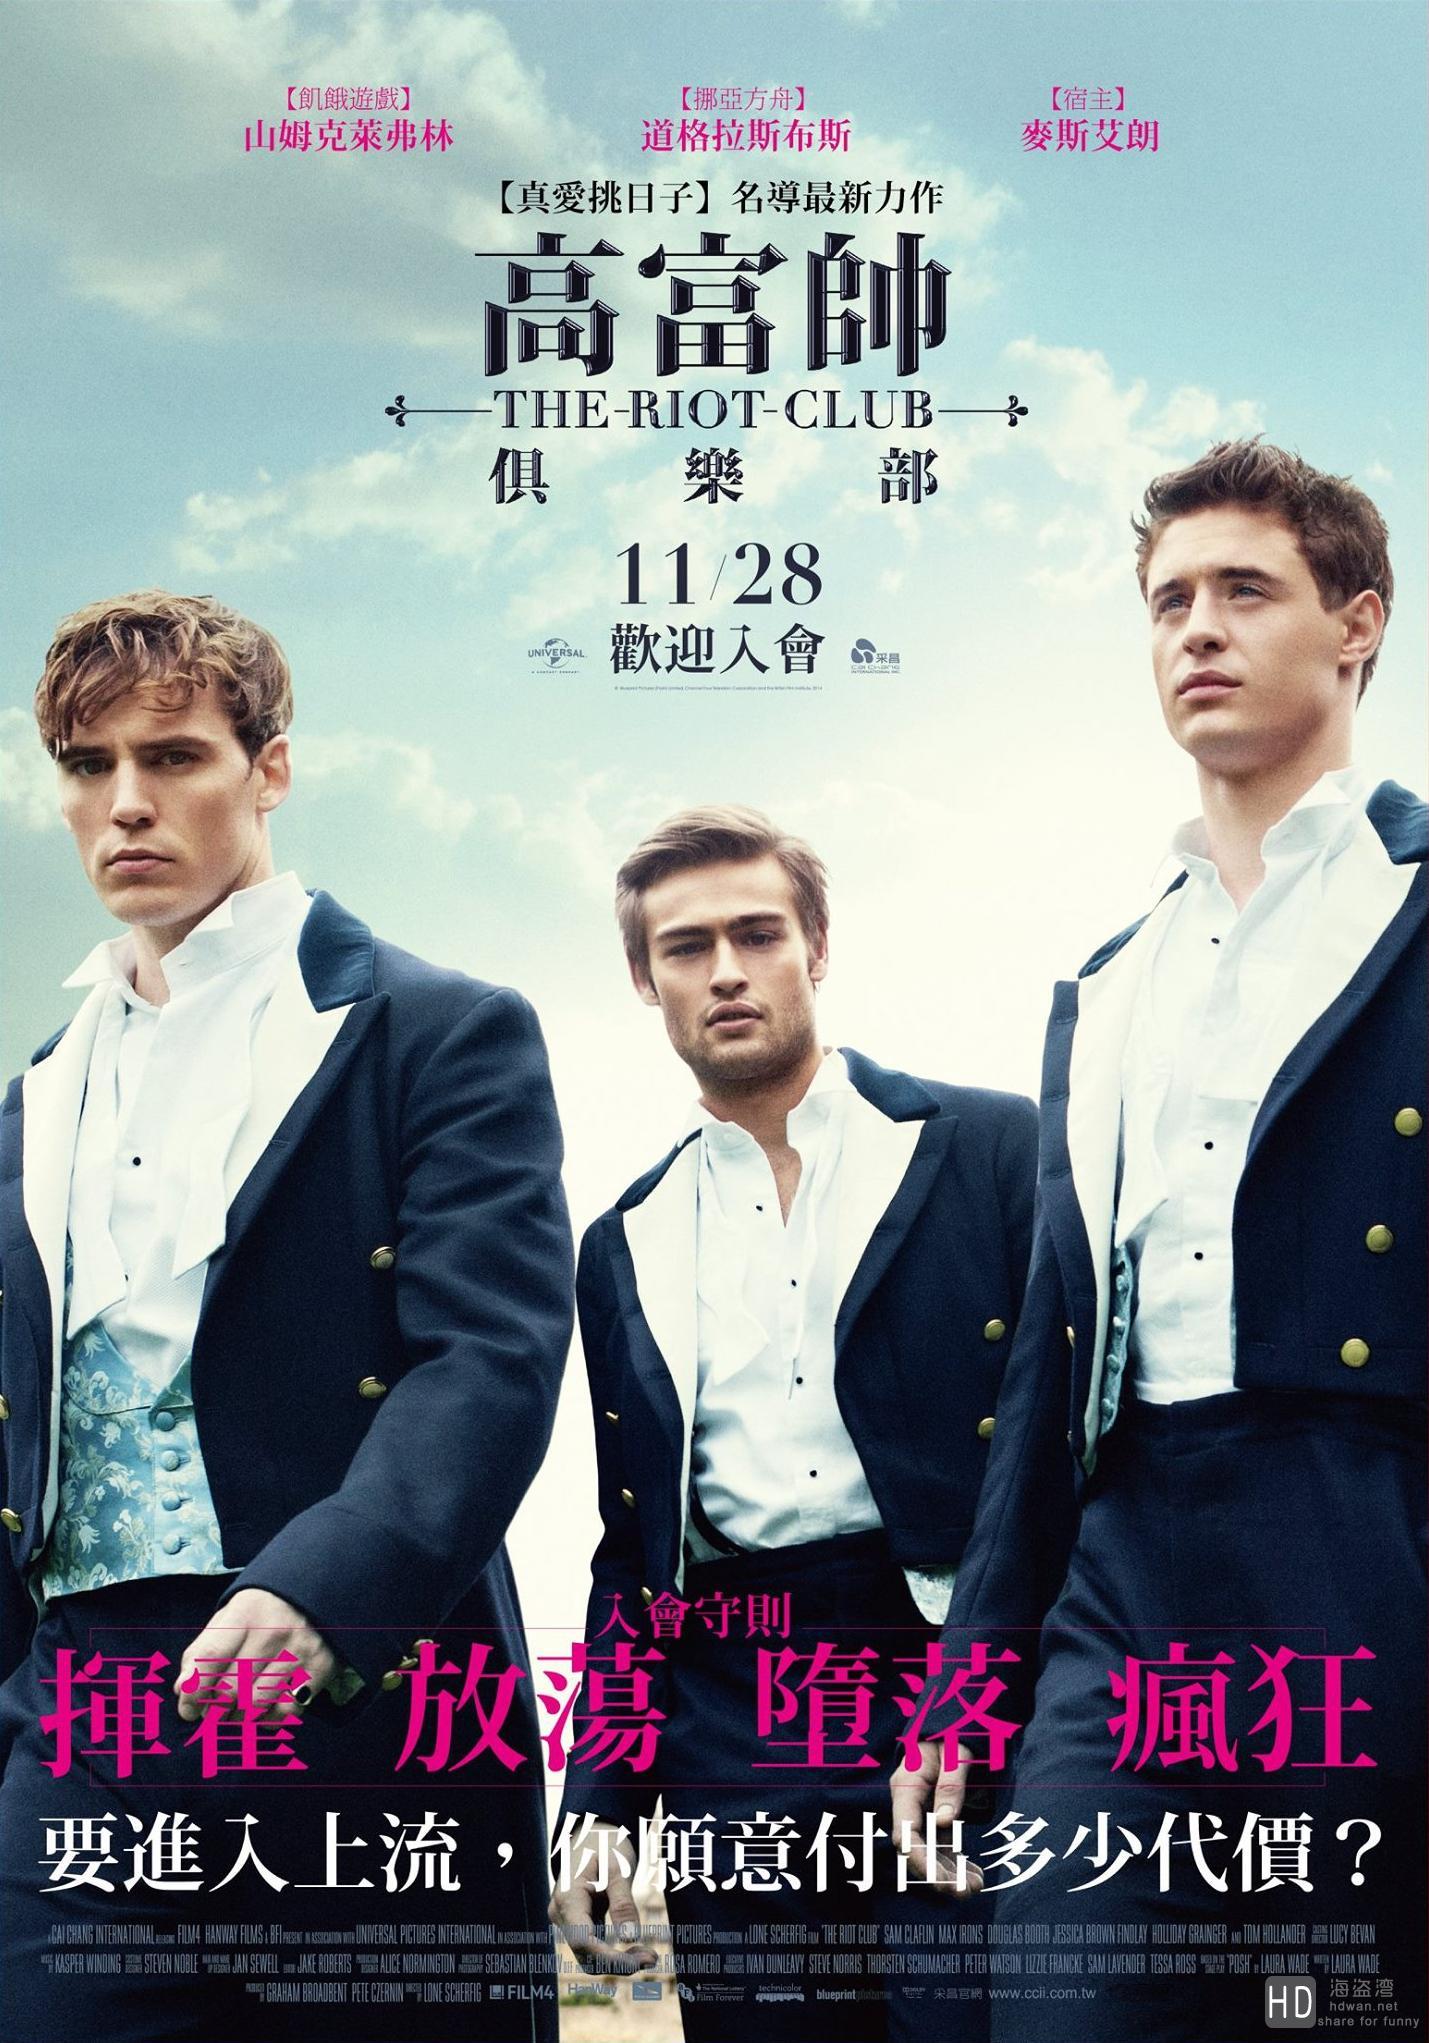 喧嚣贵族 The Riot Club (2014)